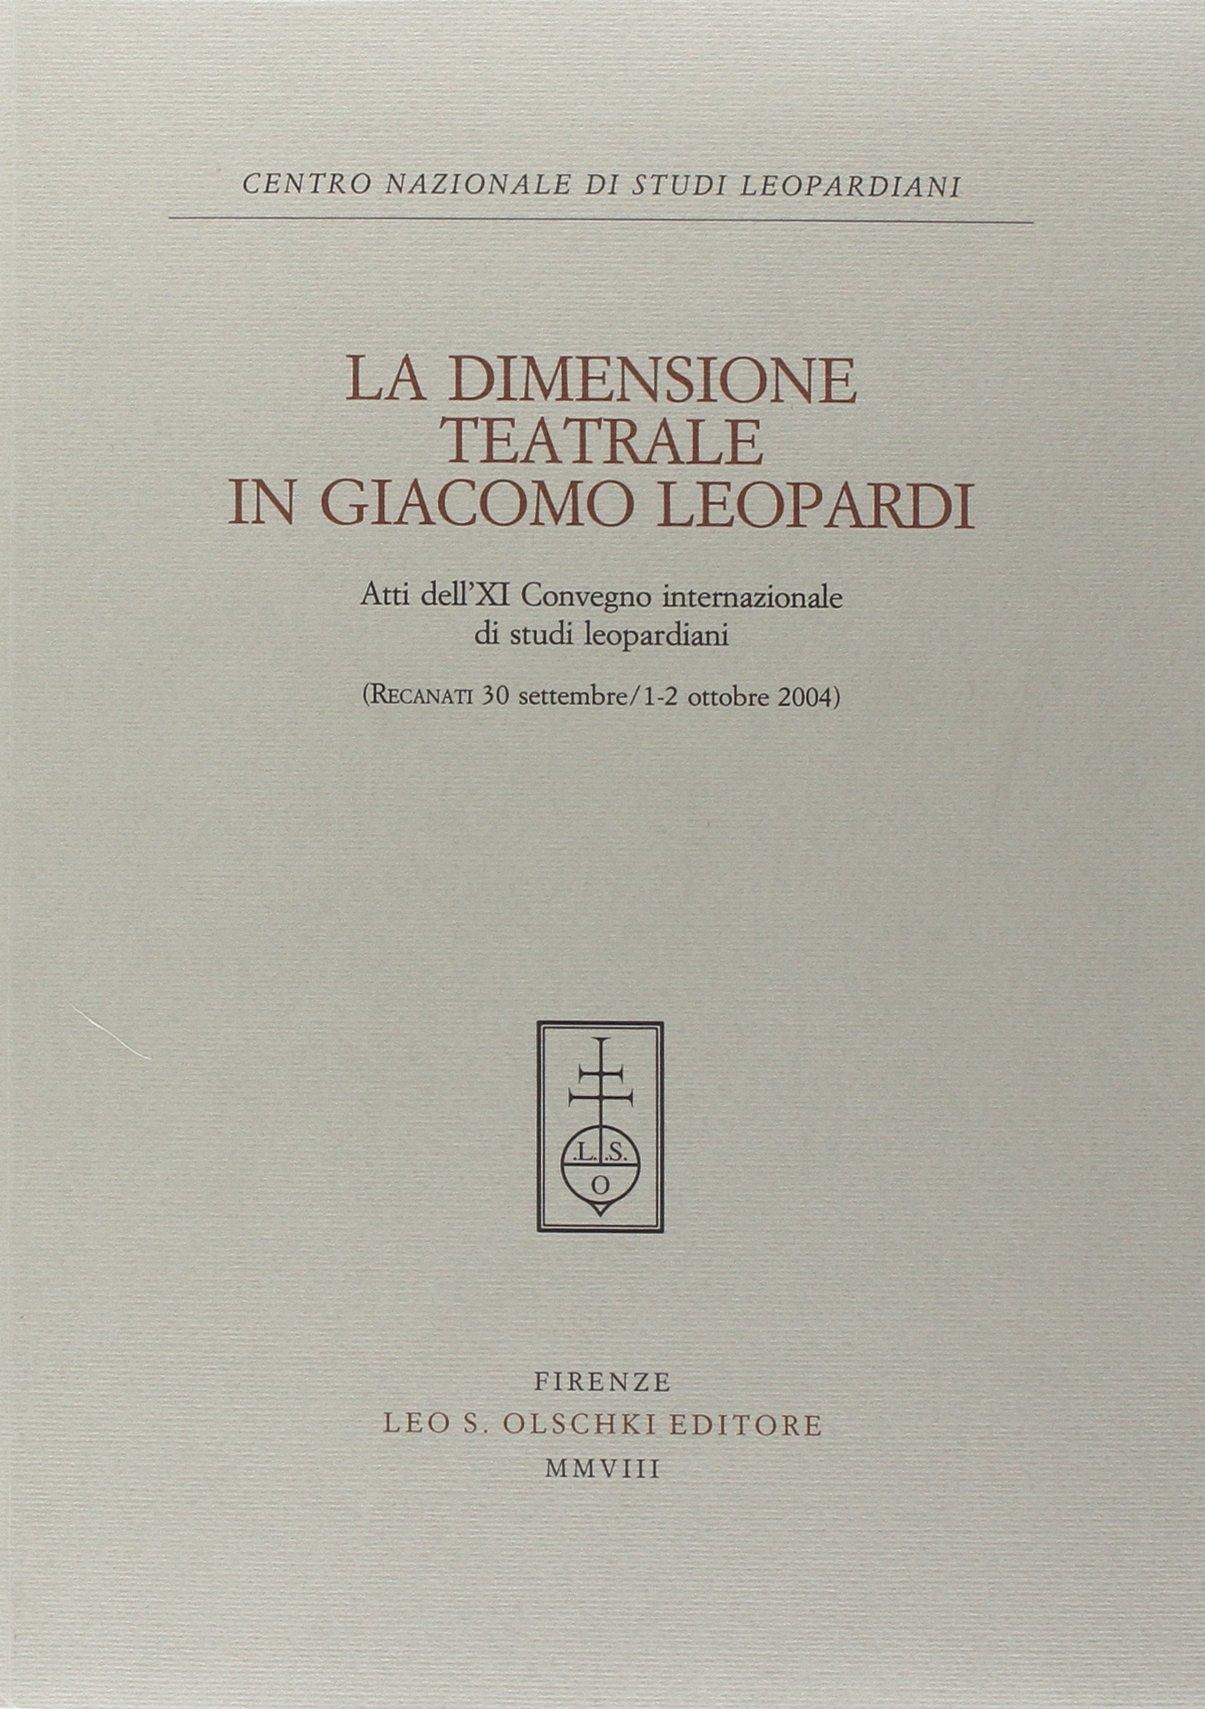 La dimensione teatrale in Giacomo Leopardi